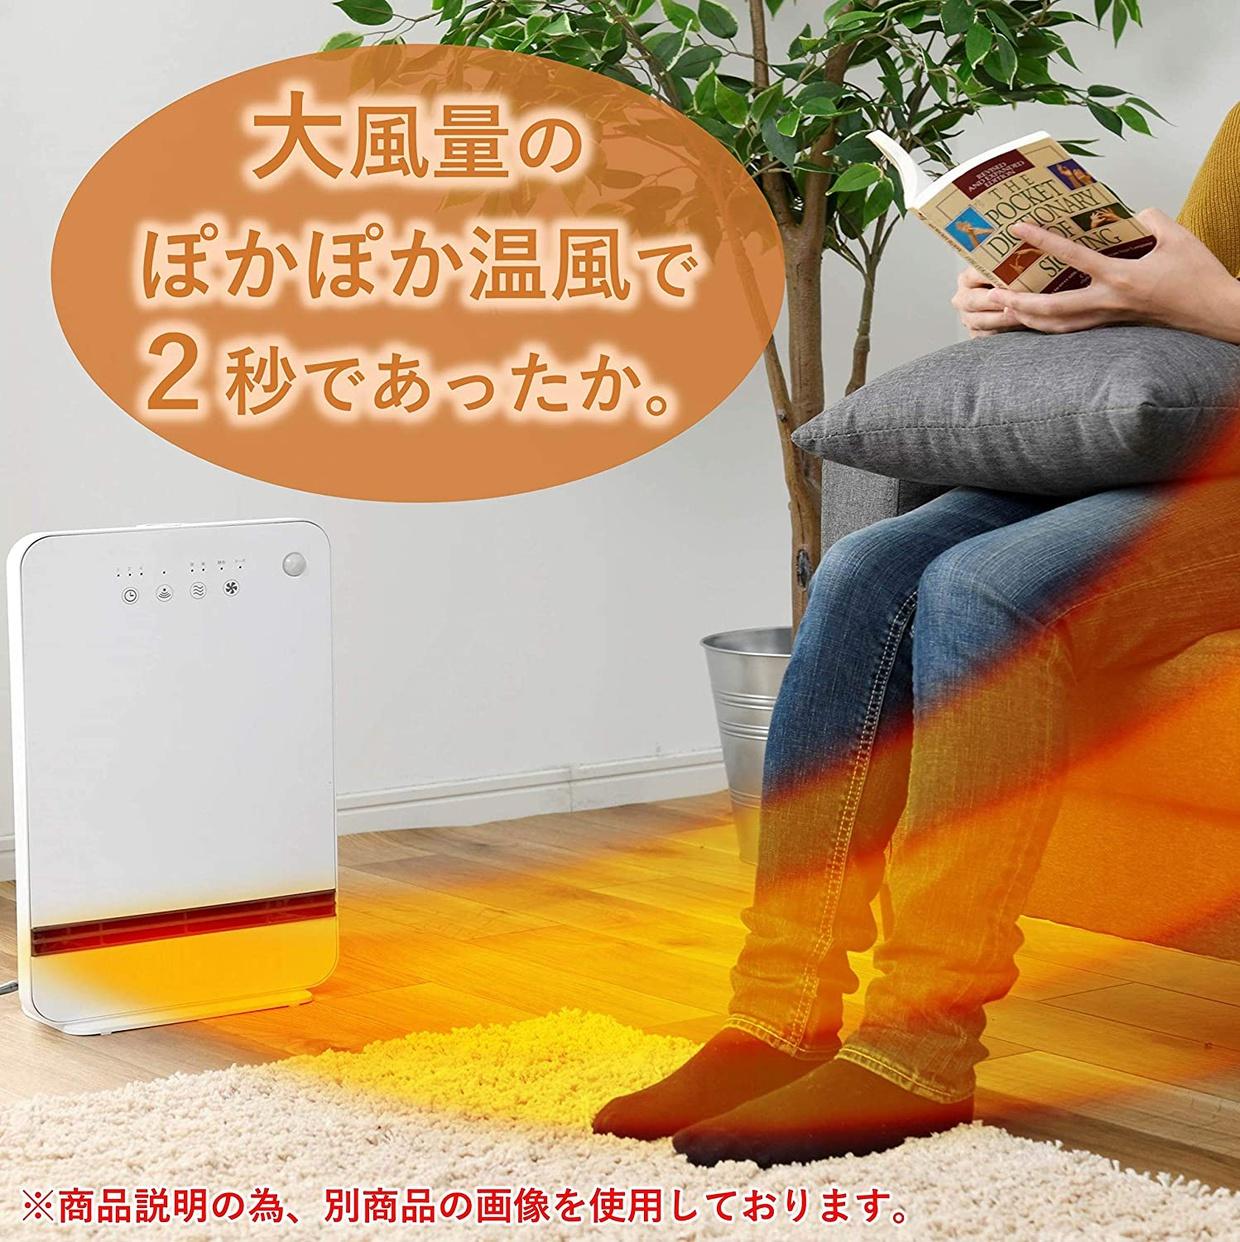 山善(YAMAZEN) 大風量セラミックヒーター(Wエコ機能搭載) DHF-VN12の商品画像6